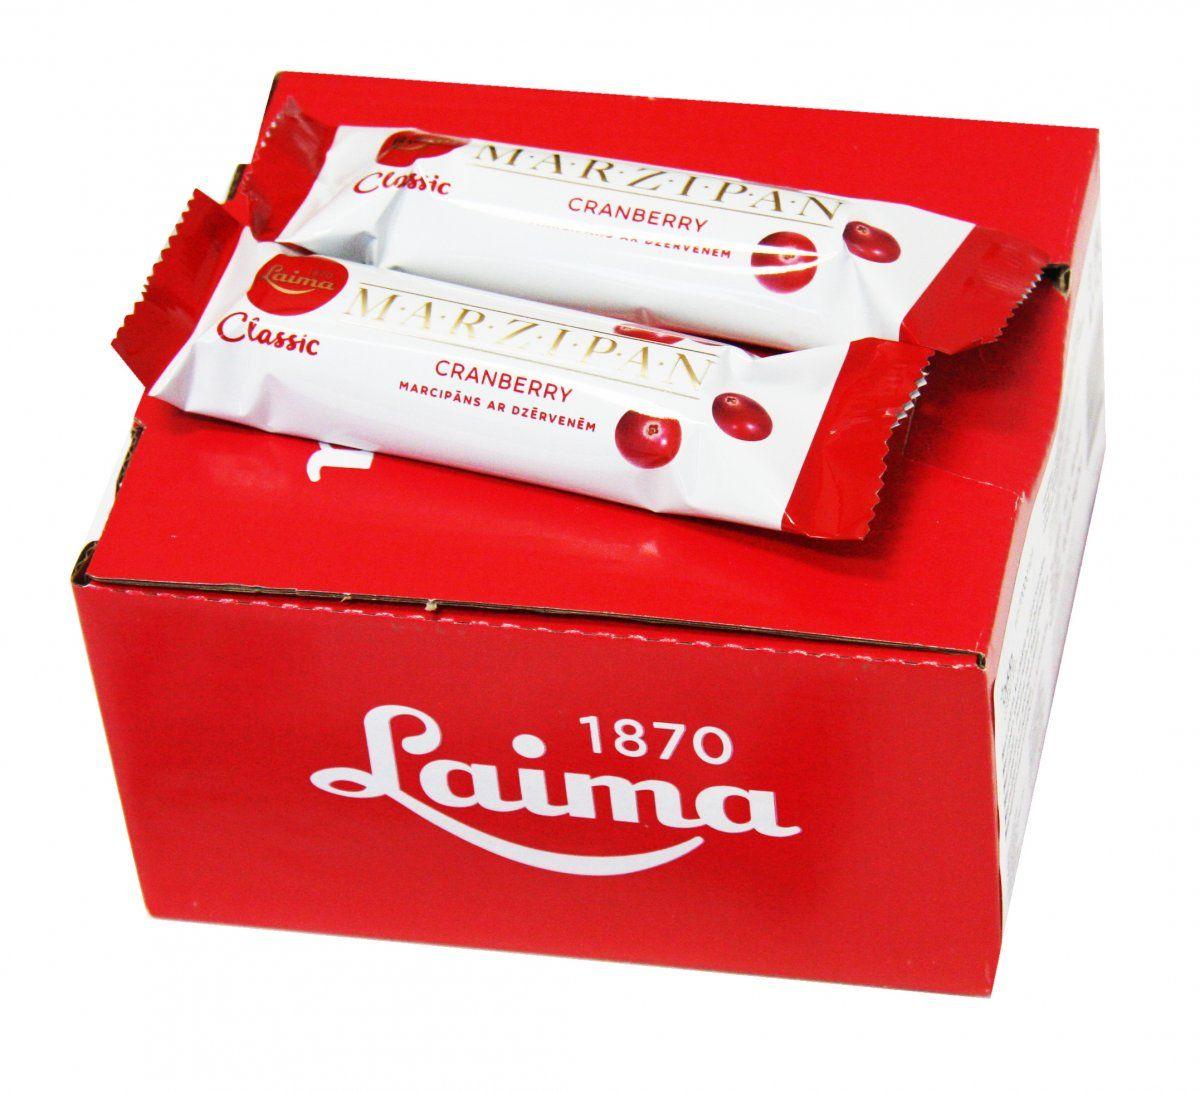 Laima Конфета марципановая с кусочками клюквы шоколадный батончик, 40 г0120710Марципановая конфета. Содержание миндаля по европейским стандартам. Только миндаль и клюква в темном шоколаде.